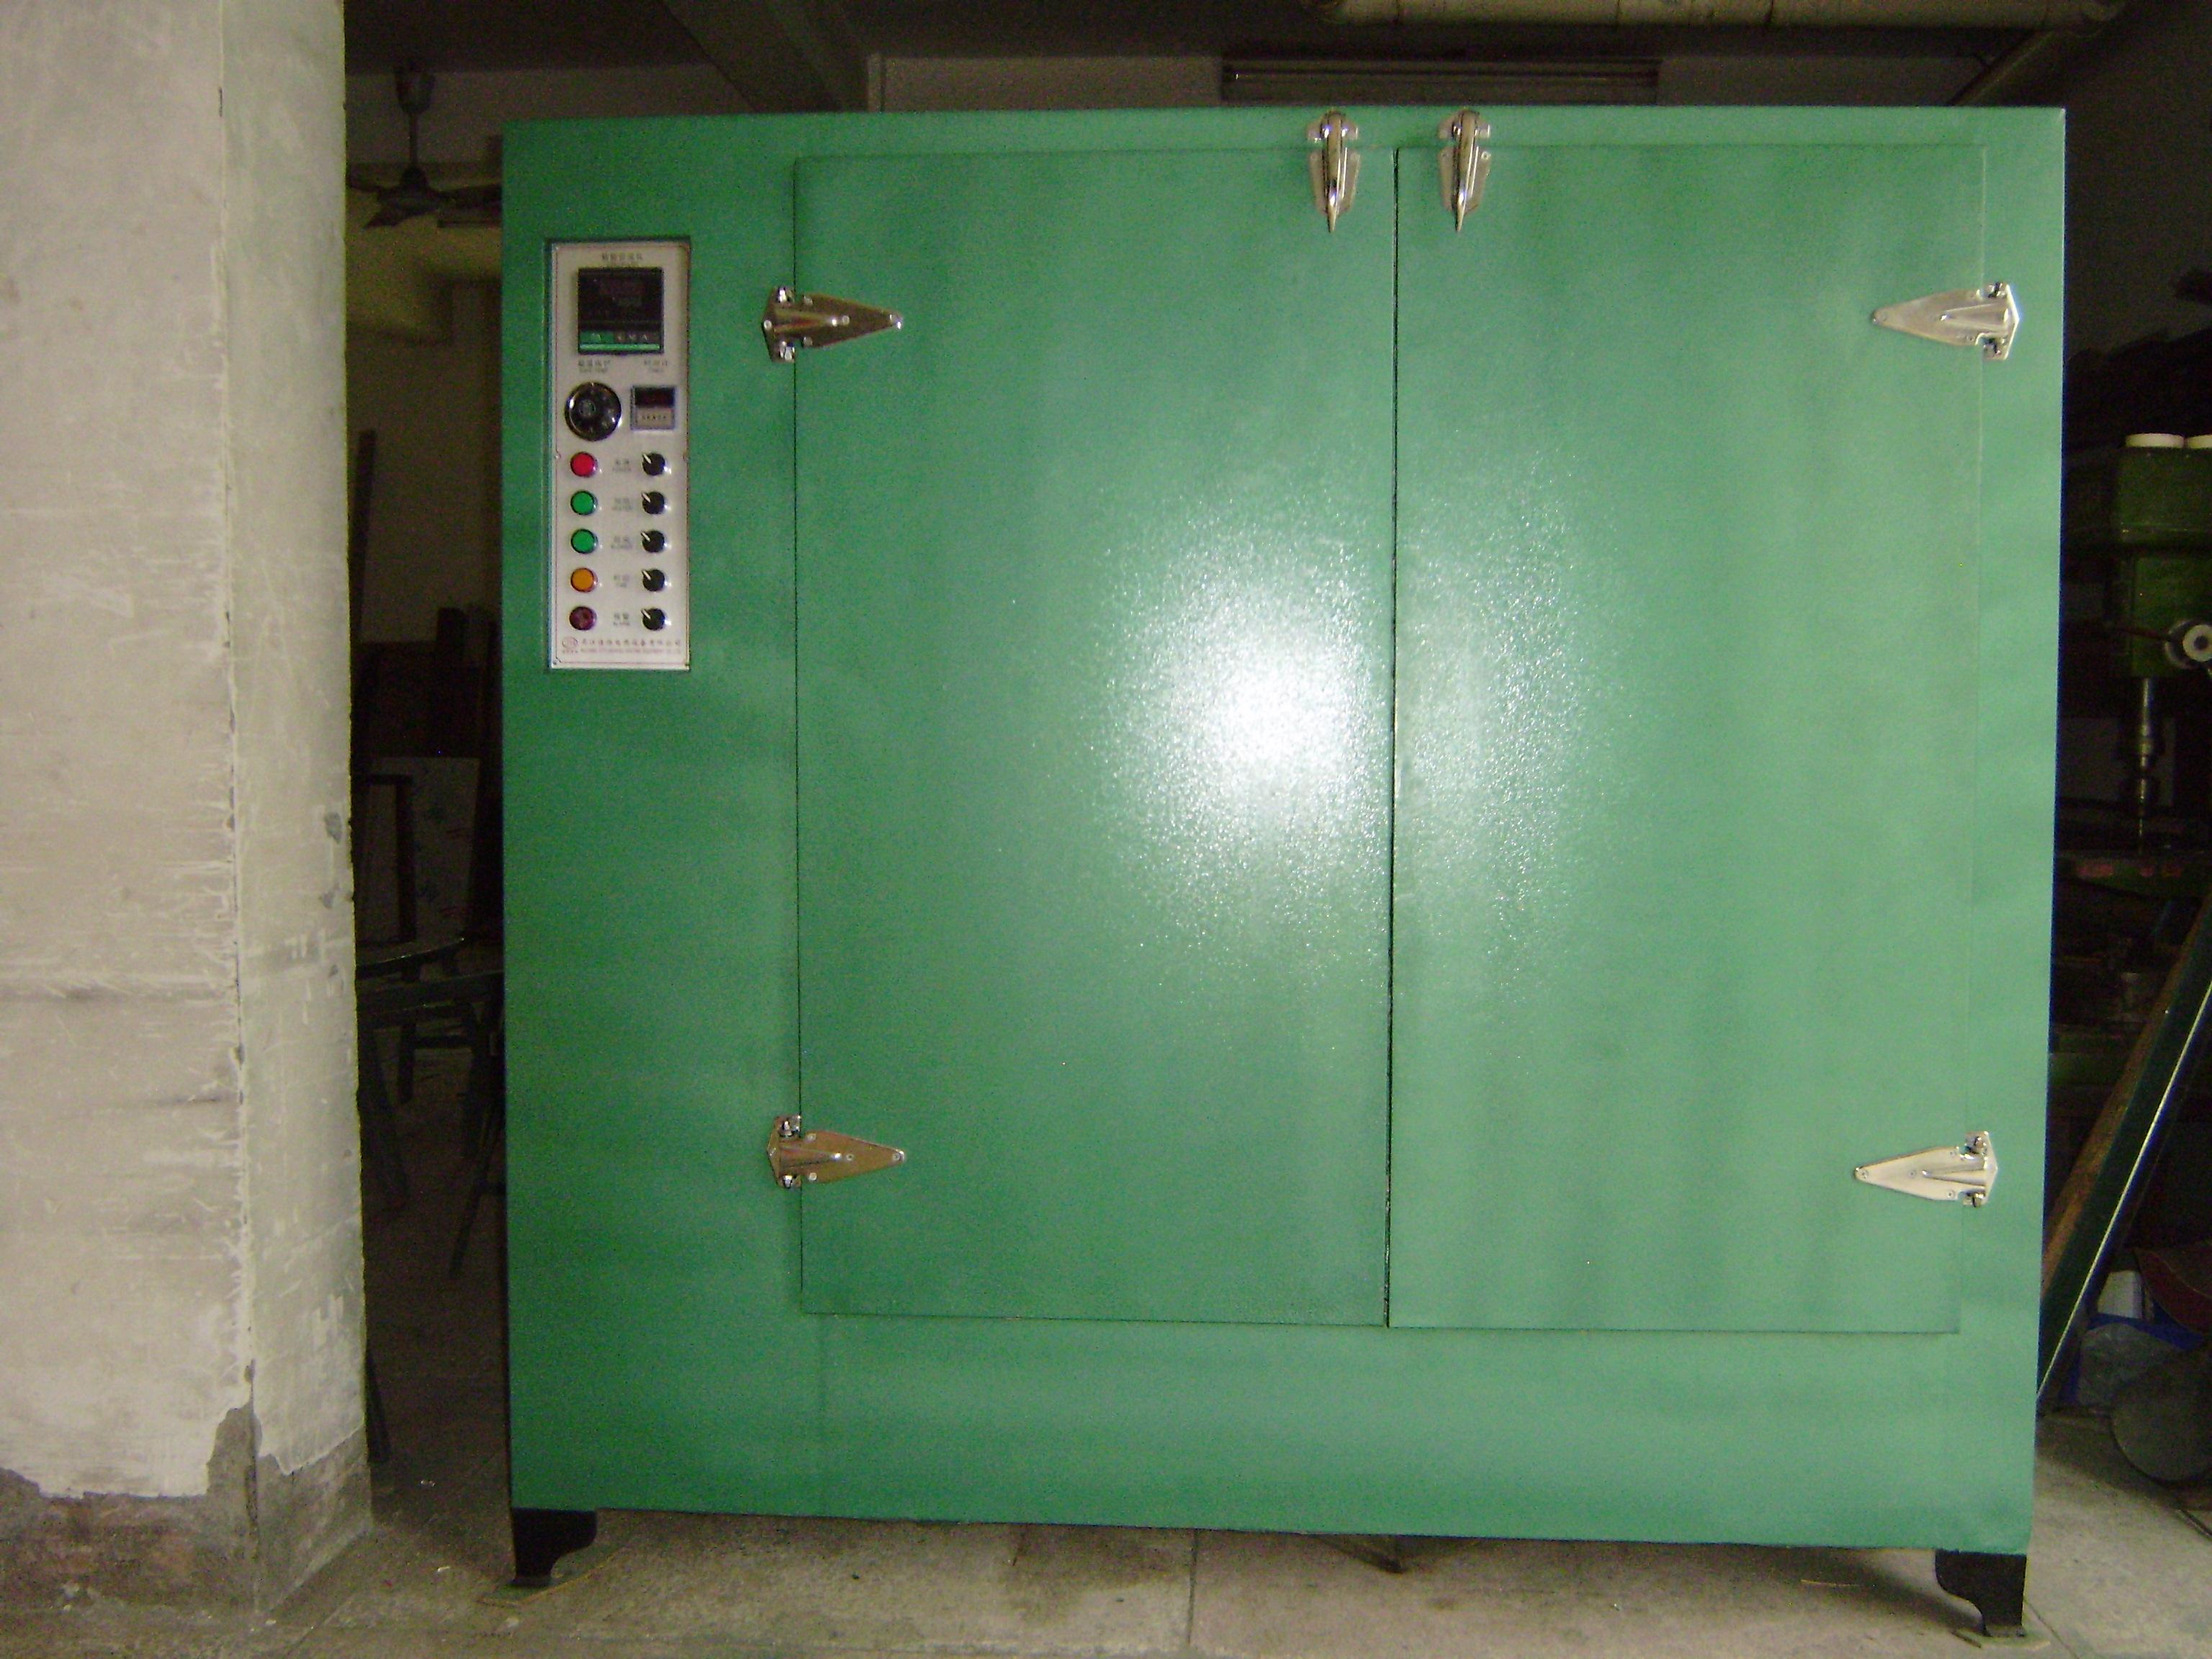 苏州高温烘箱厂家直销/苏州高温烘箱价格/苏州高温烘箱供应商